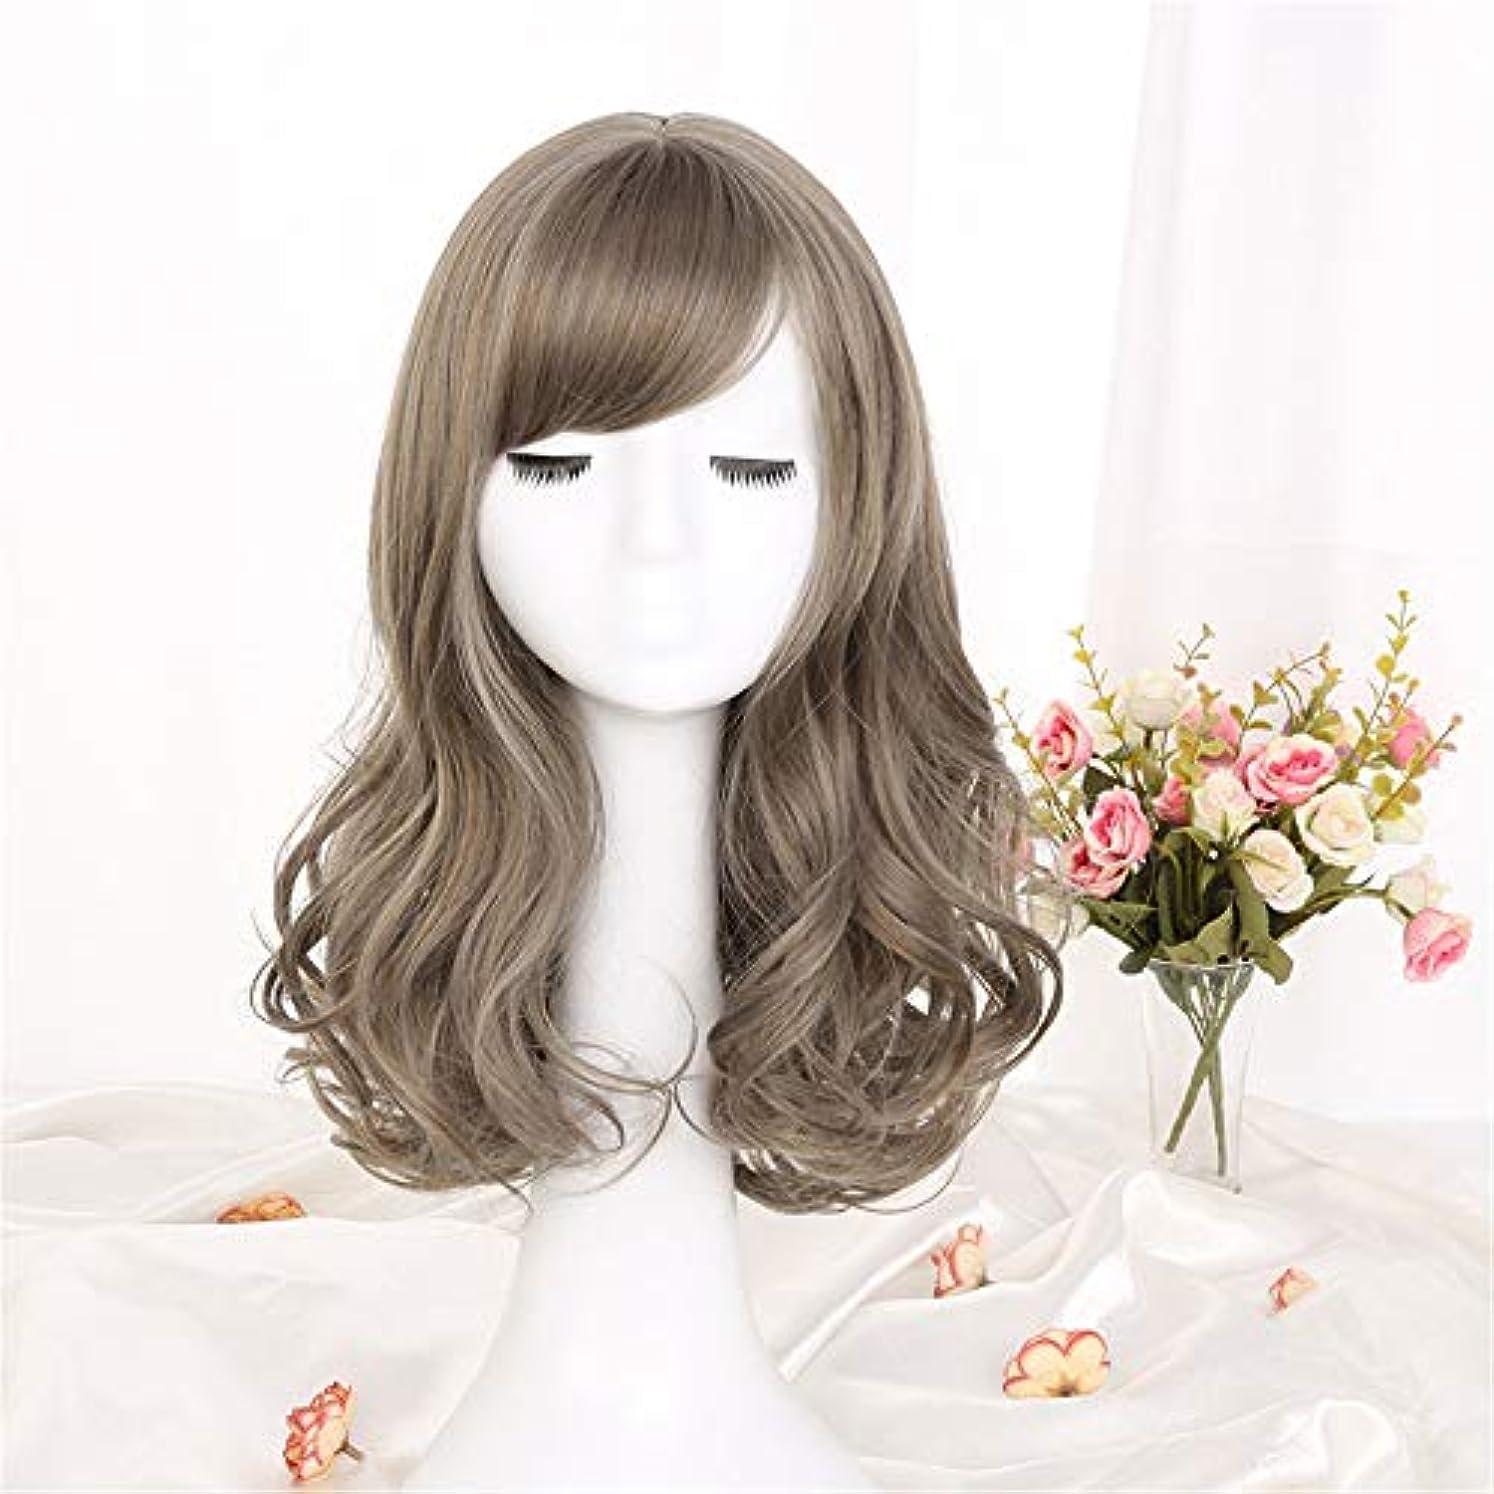 ワゴン思い出二十ウィッグ髪化学繊維フードミディアム長波高温合成繊維ウィッグ女性用ウィッググリーンウッドリネンアッシュ42cm